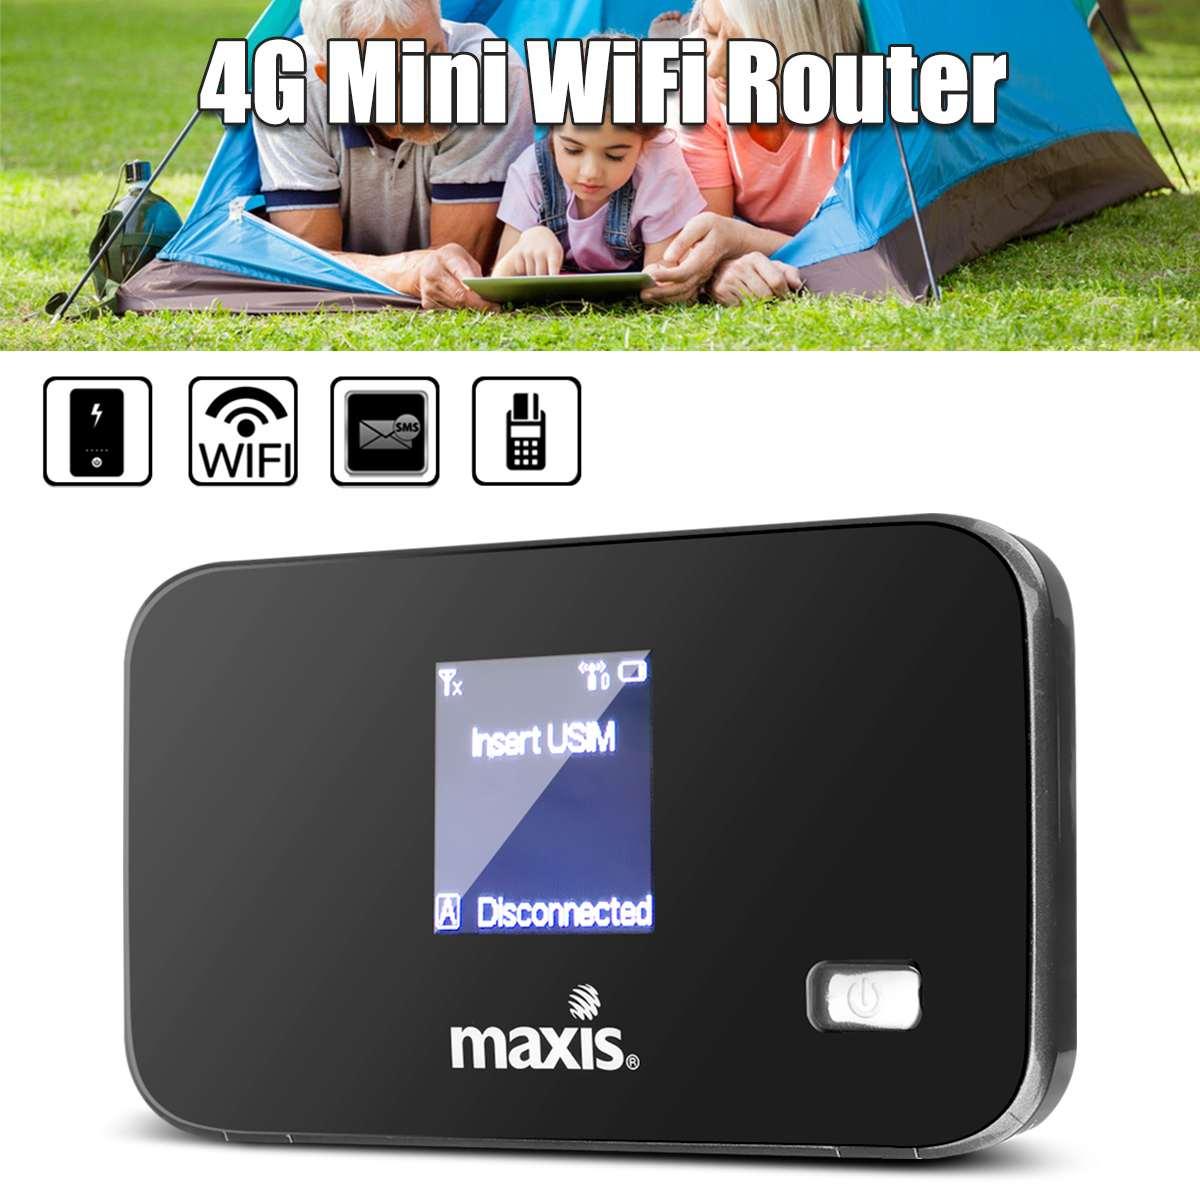 4G/3G LTE FDD WIFI B1/B3 routeur sans fil Mobile Hotspot Modem 150 Mbps débloqué-